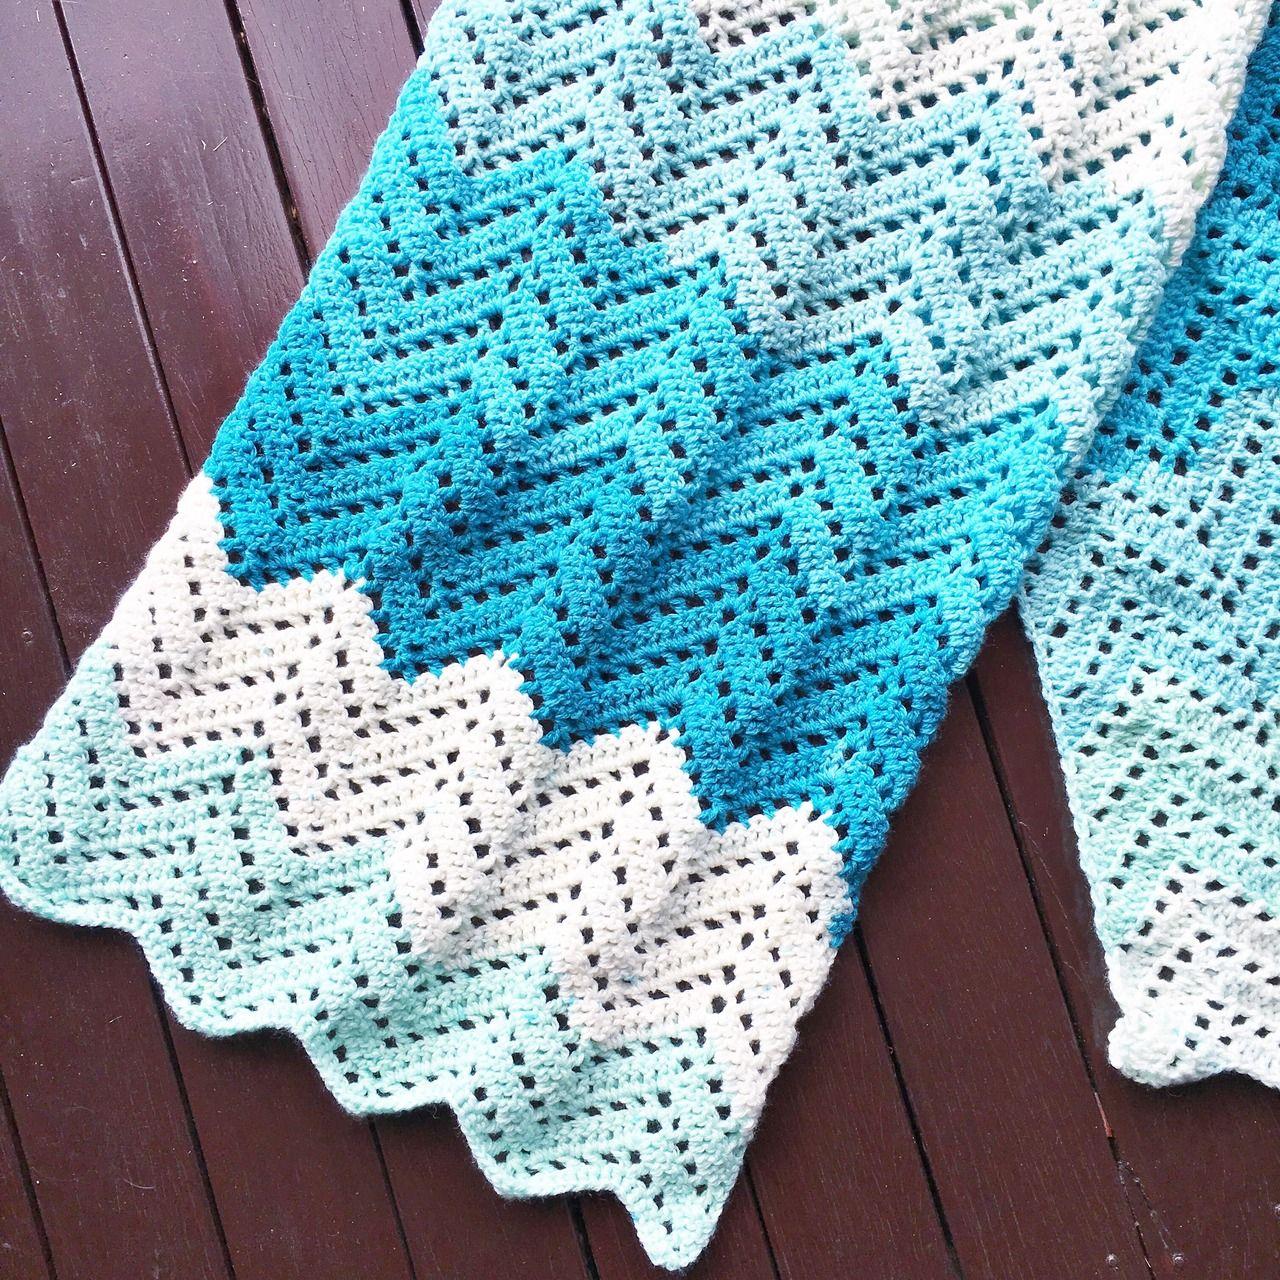 Crochet: Lacy Chevron Wrap | Schals, Kragen und Häkelmuster